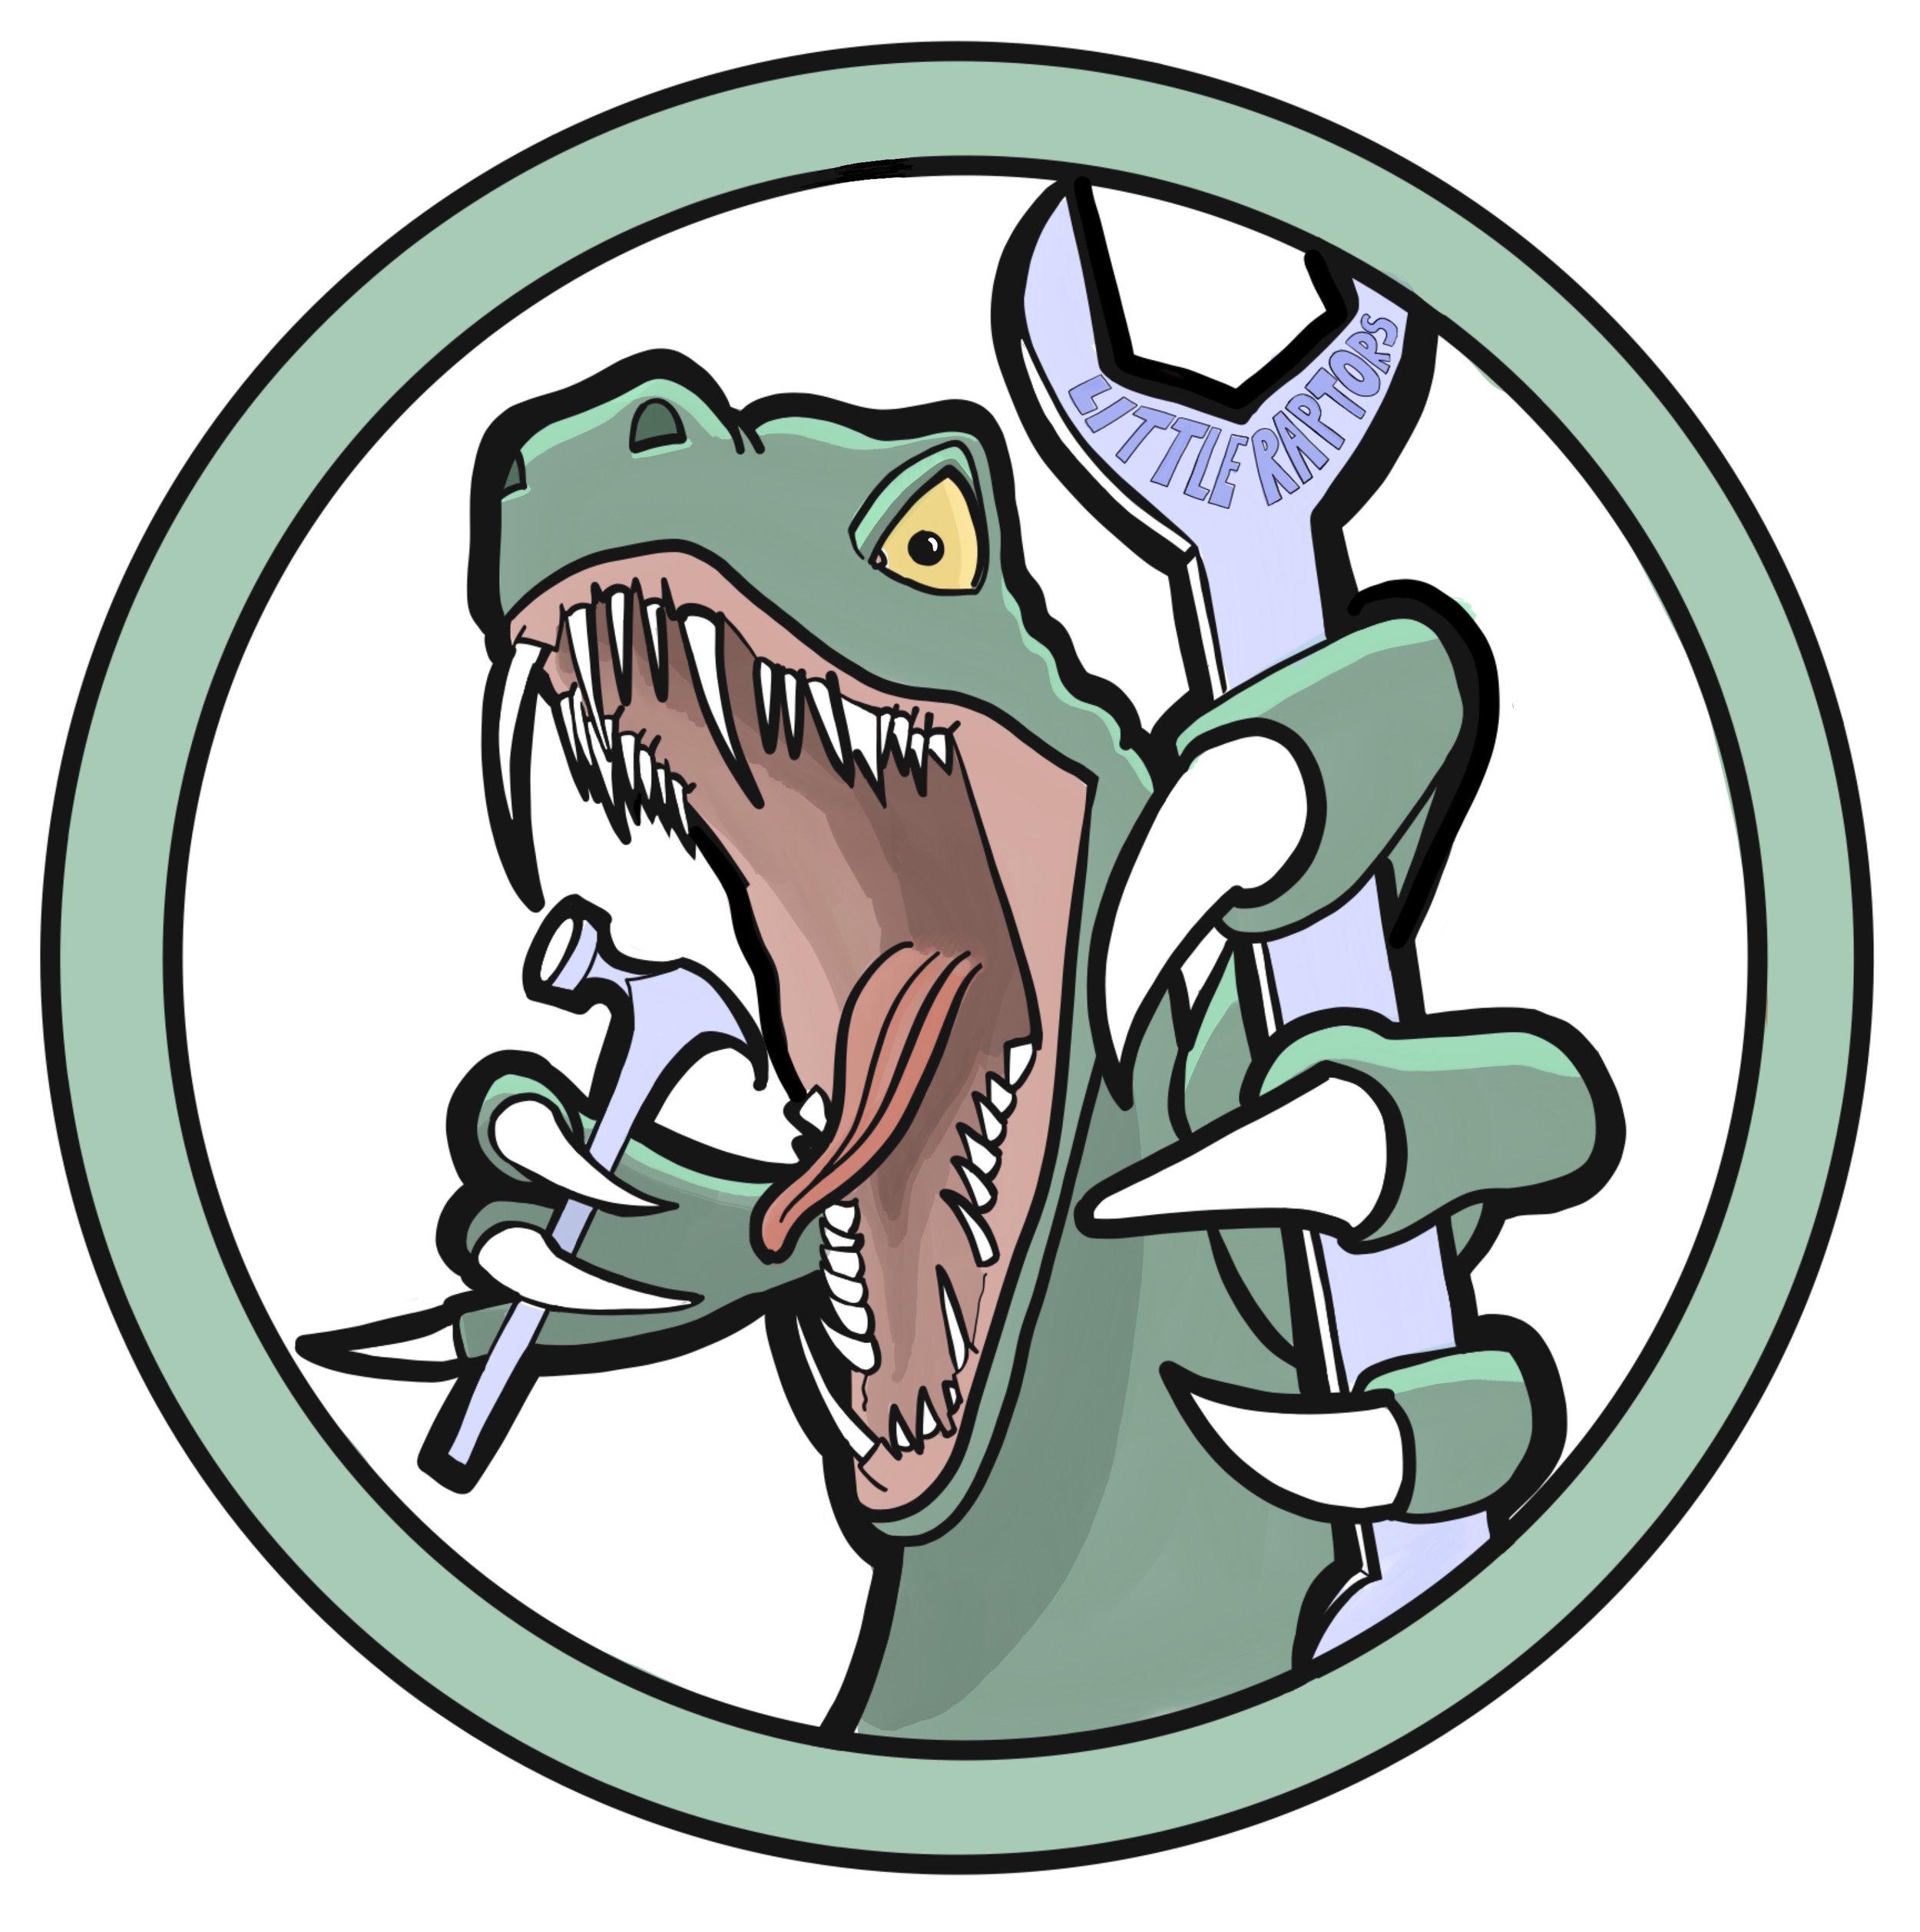 Little_Raptors_.jpg